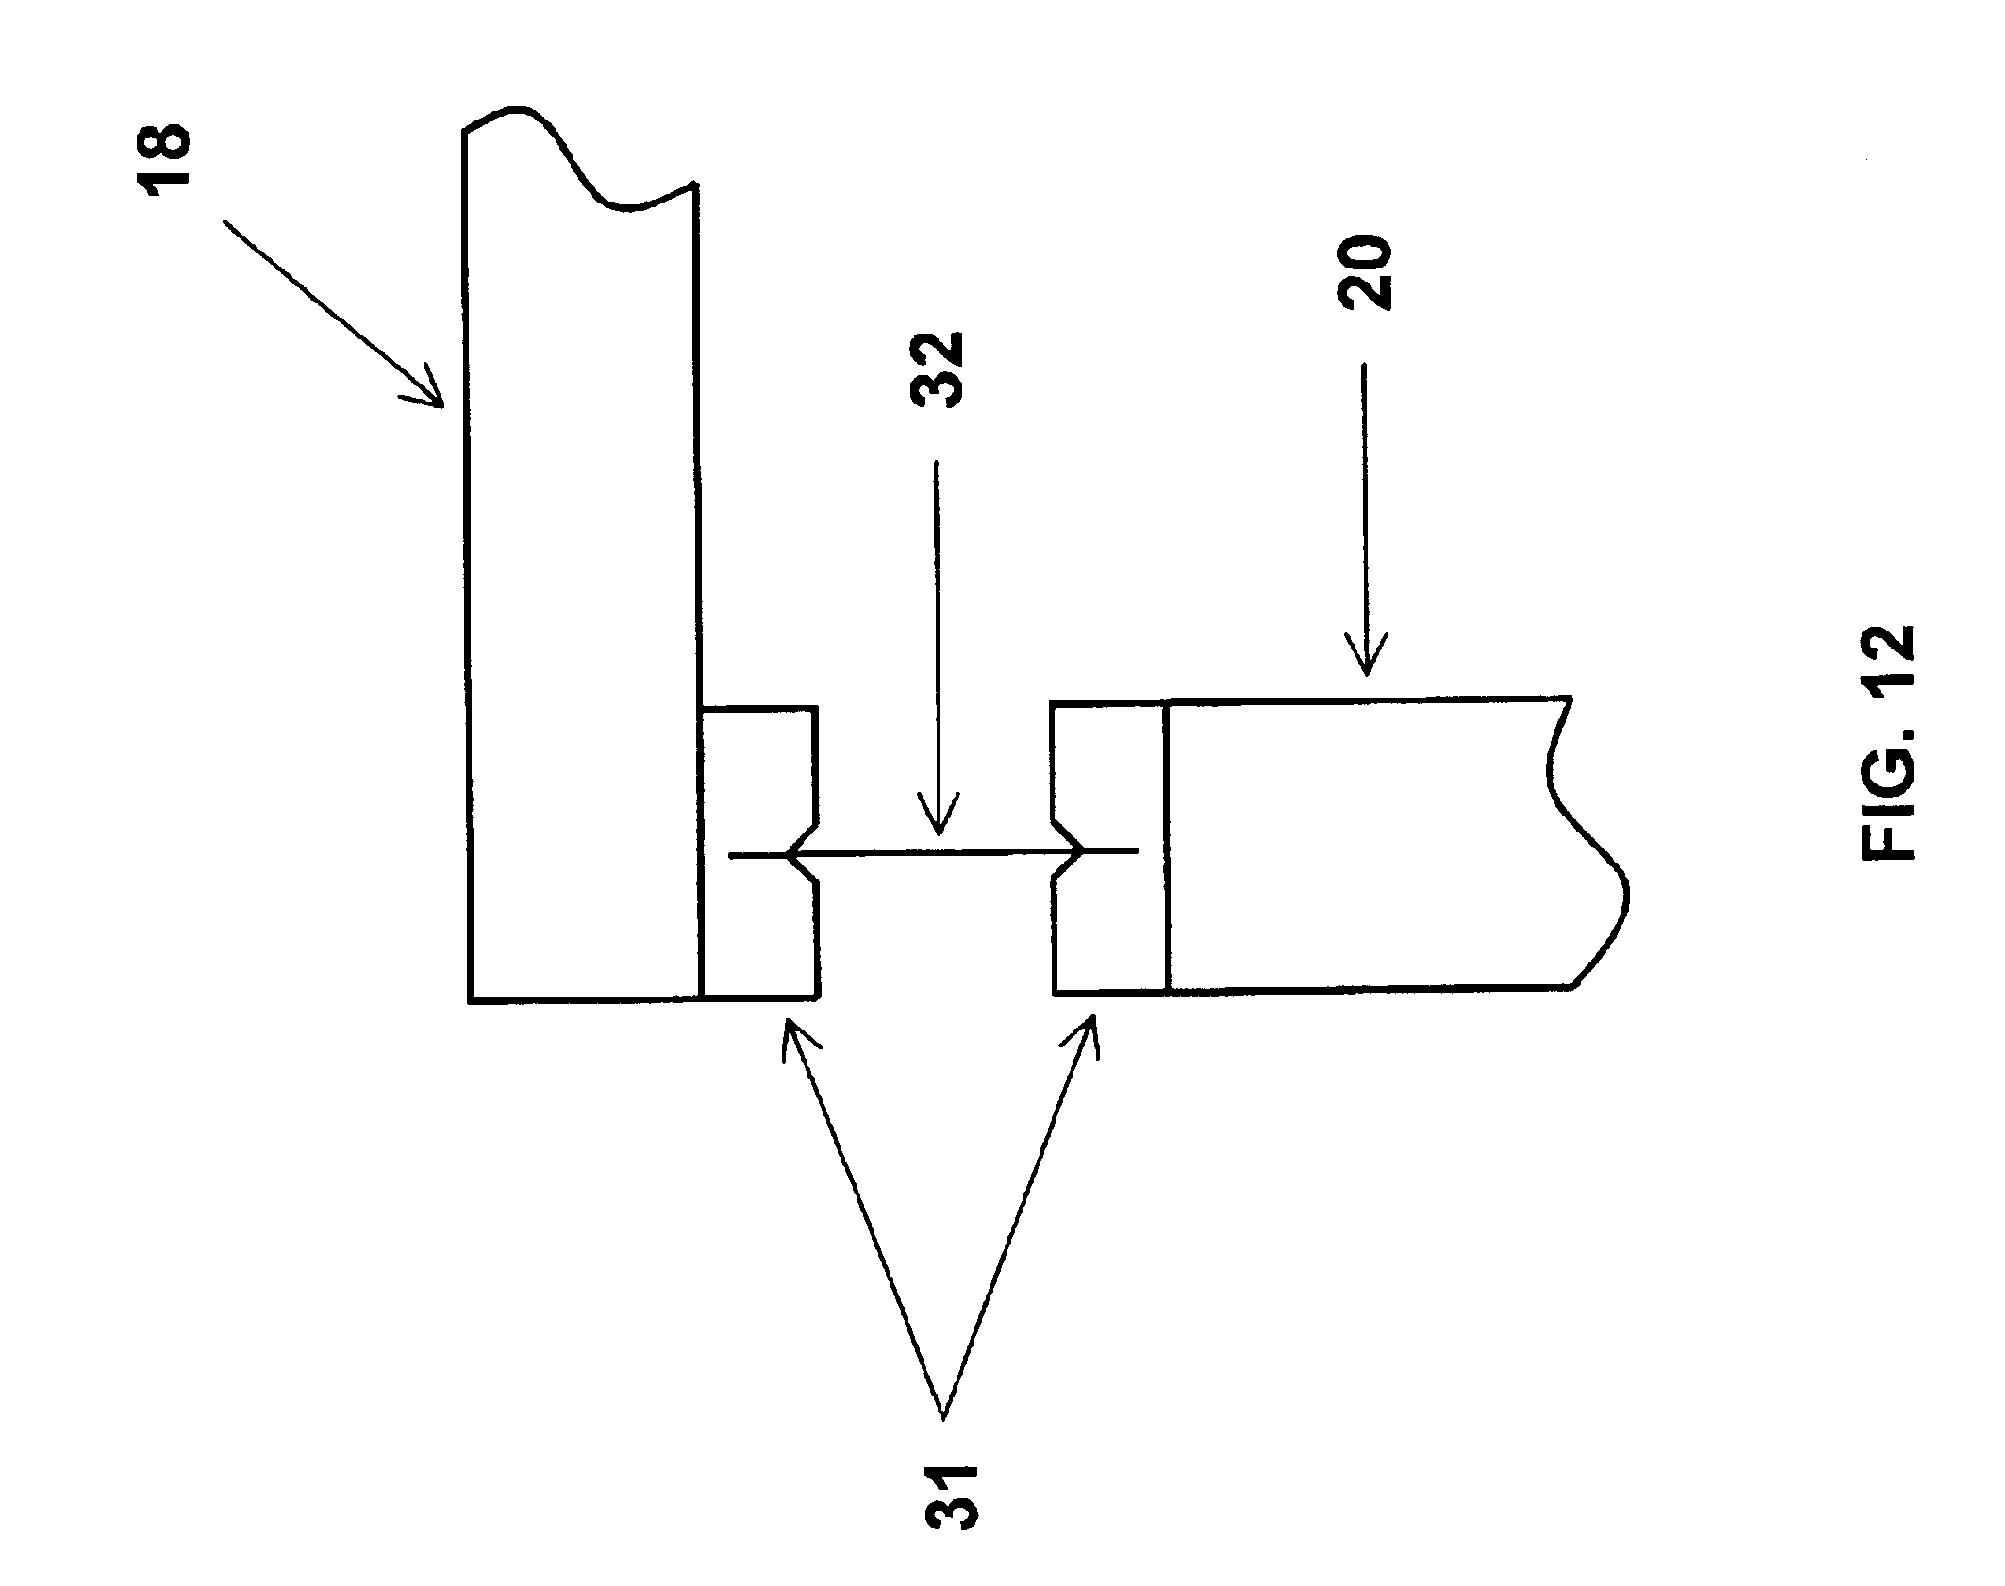 patent us6739425